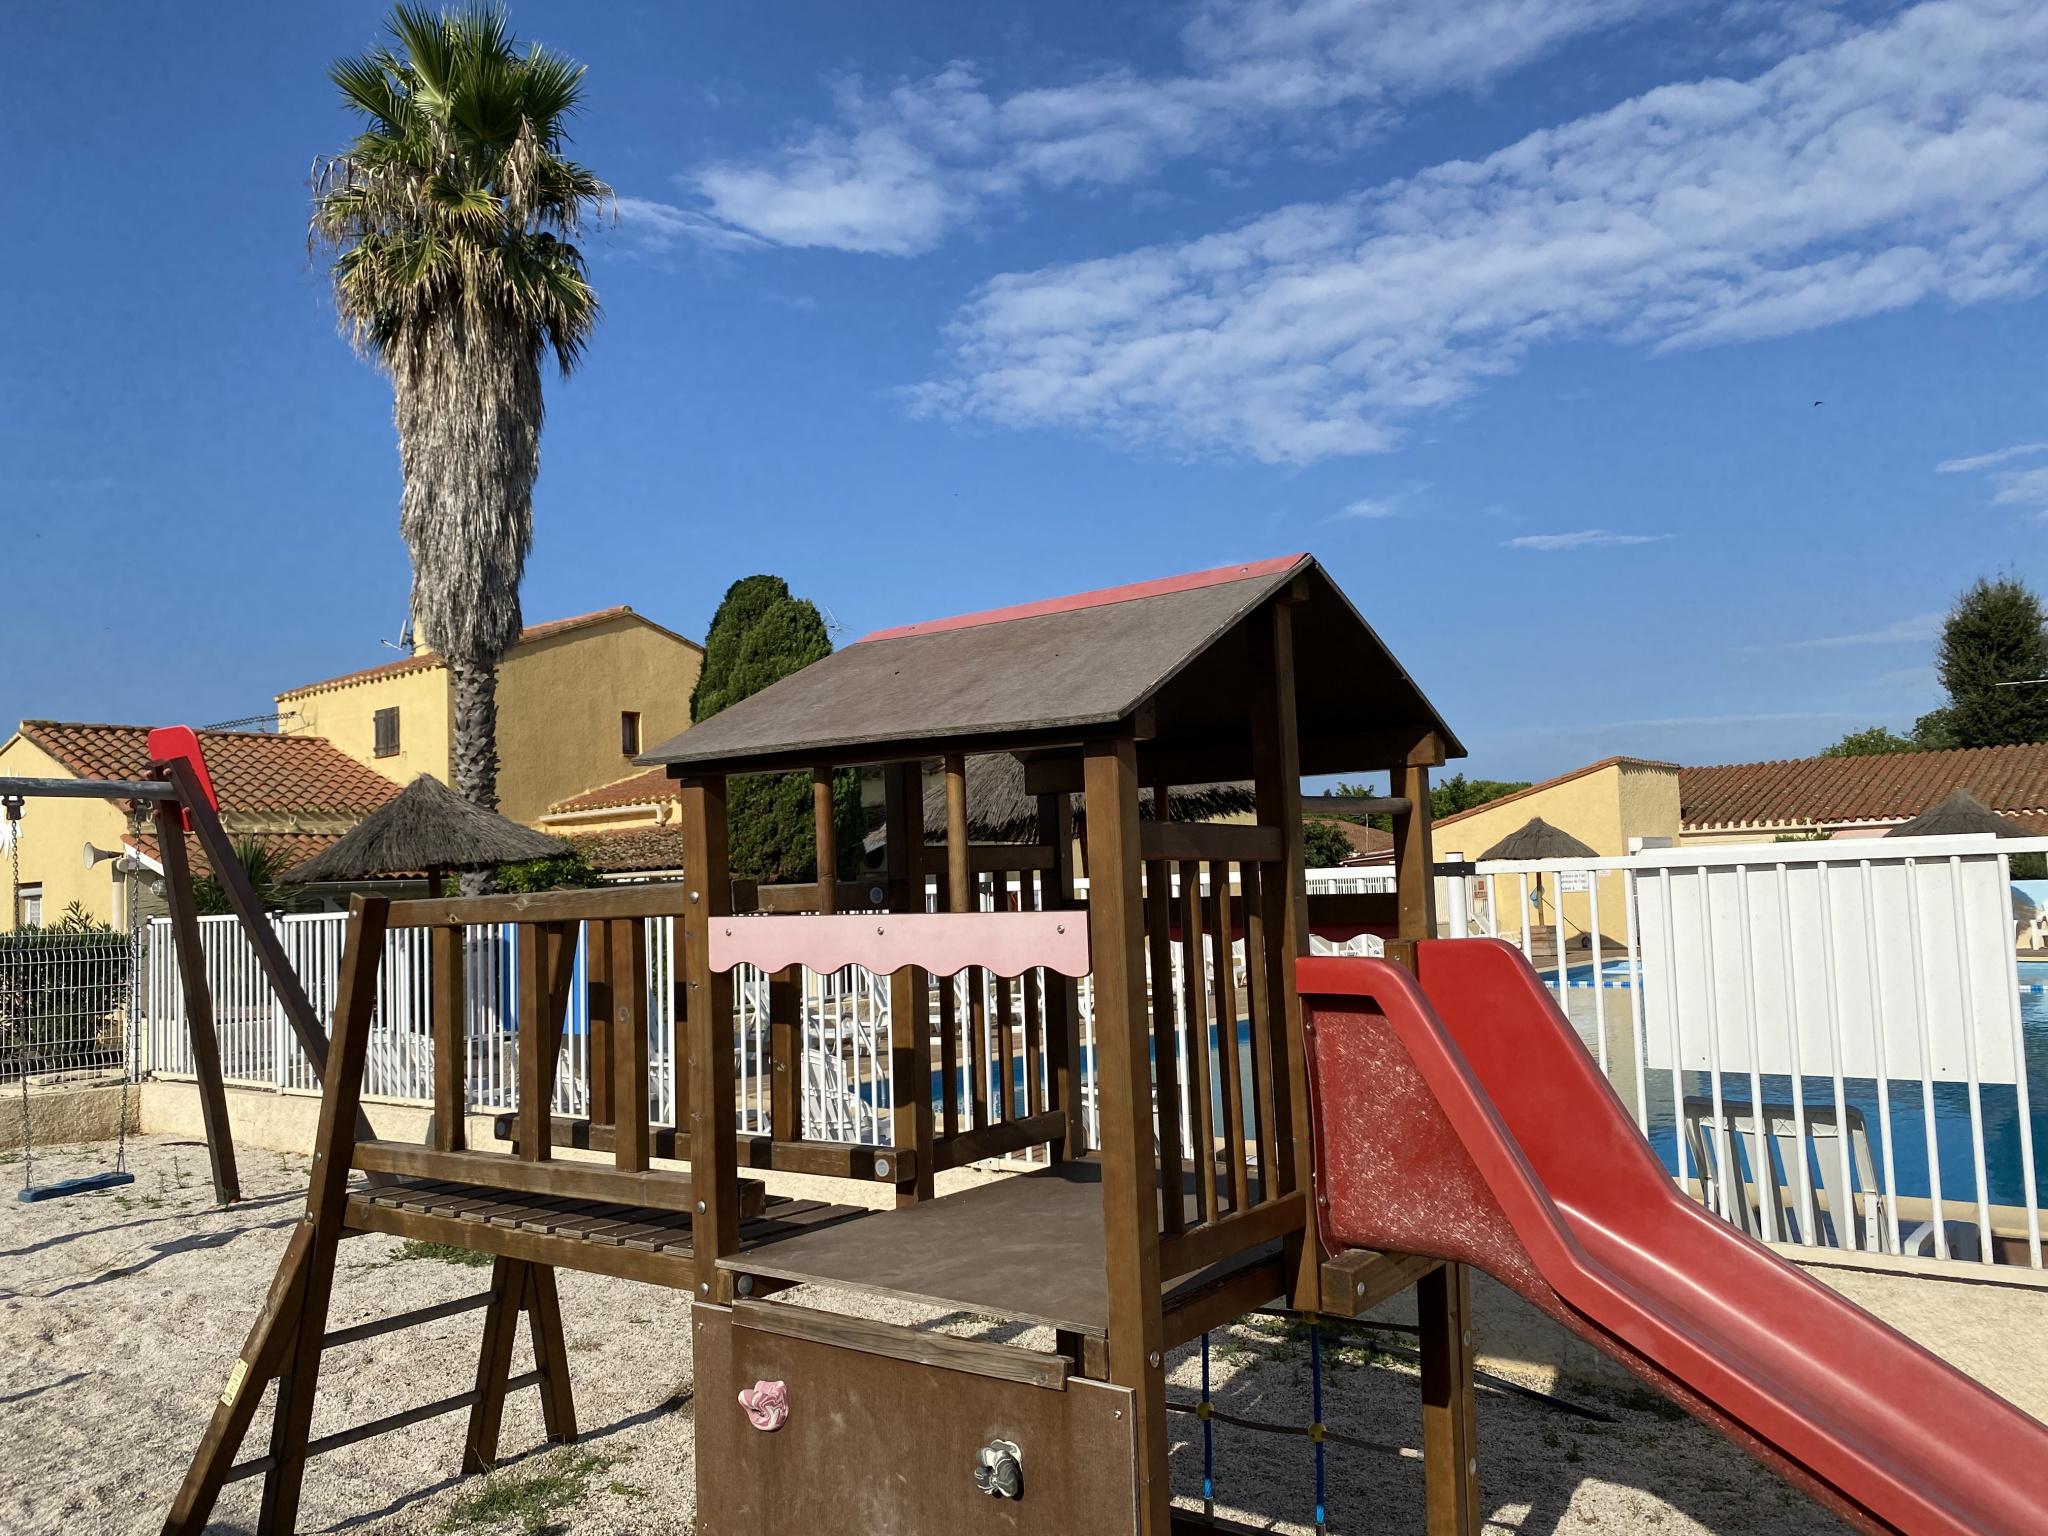 À vendre appartement de 71m2 à argeles sur mer (66700) - Photo 11'